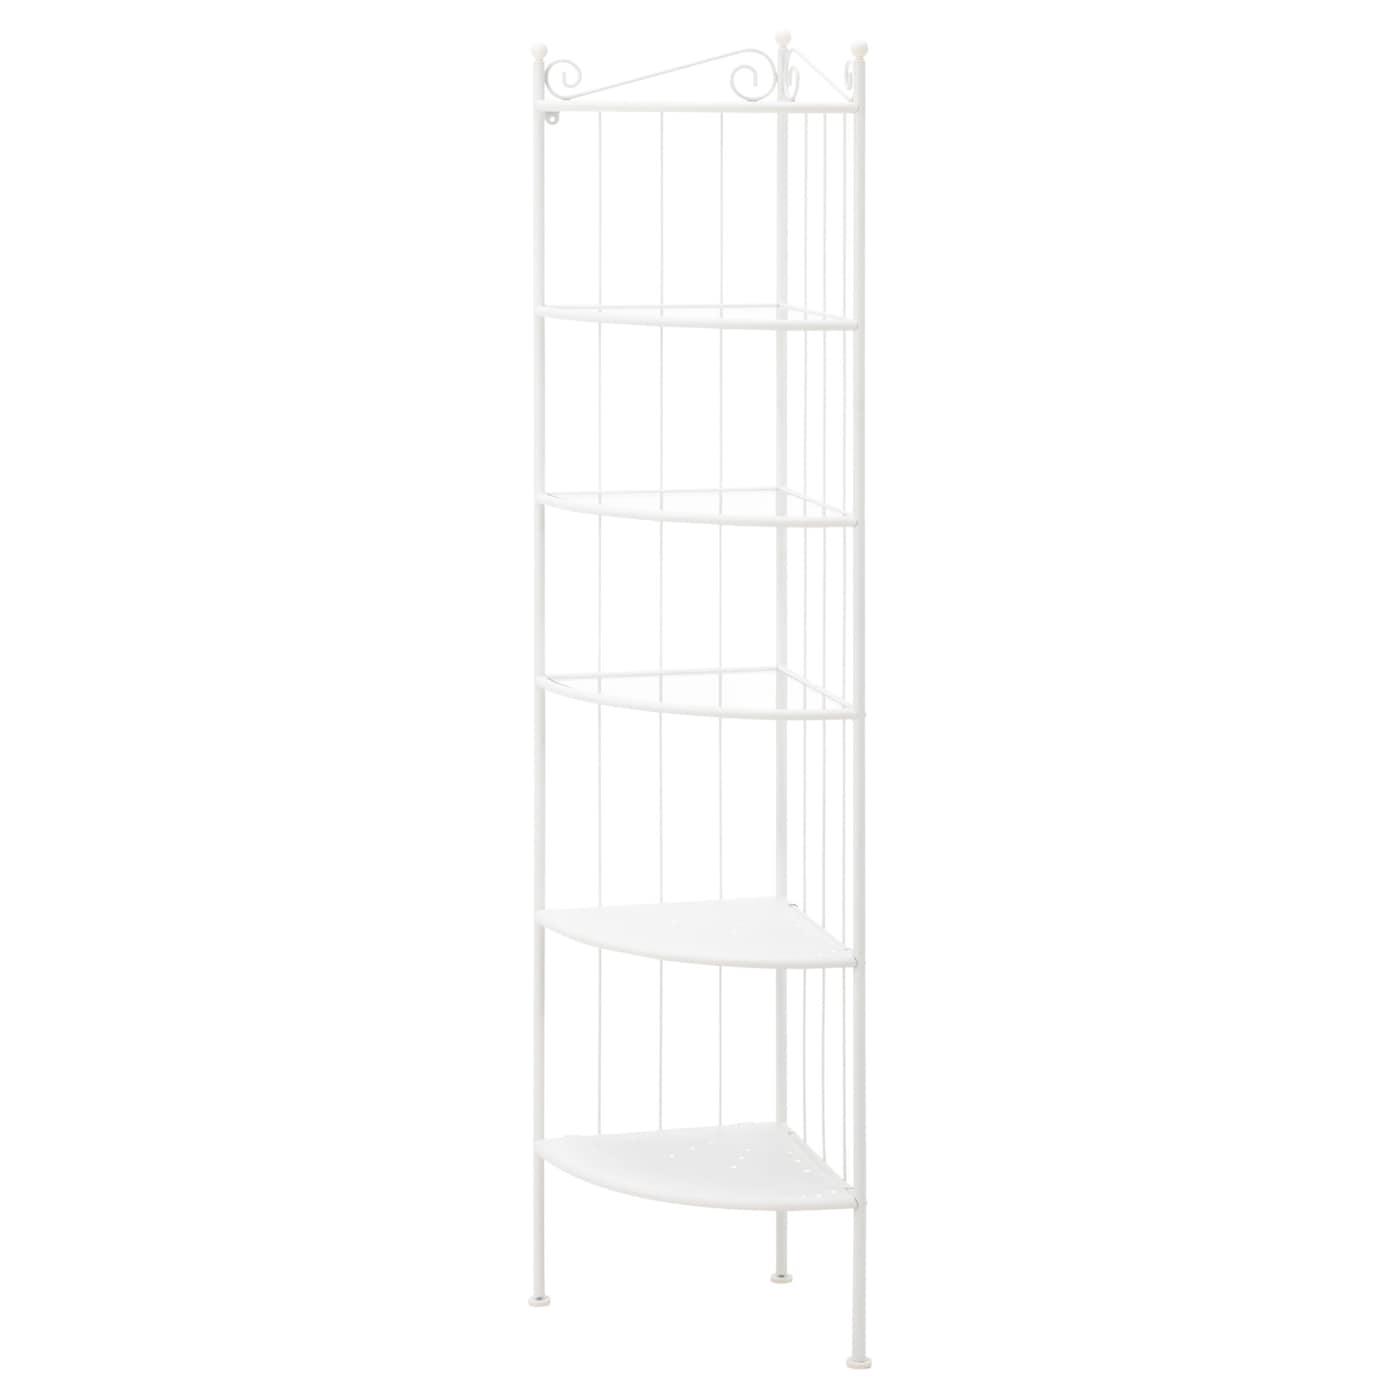 Ronnskar Corner Shelf Unit White Ikea